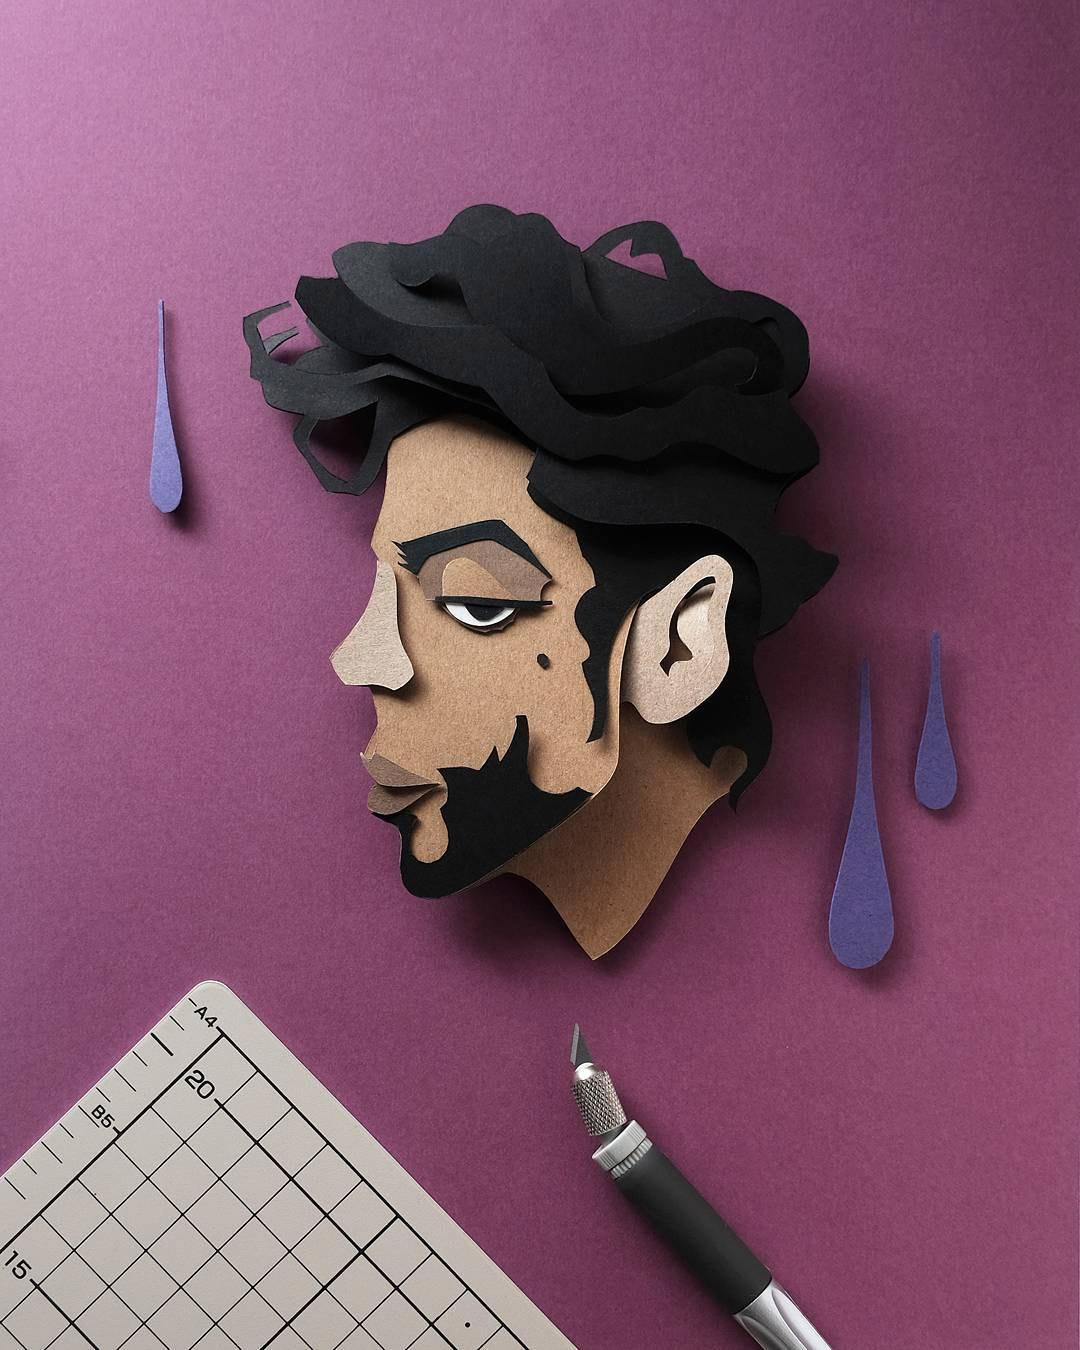 art-paper-john-de-vera-11